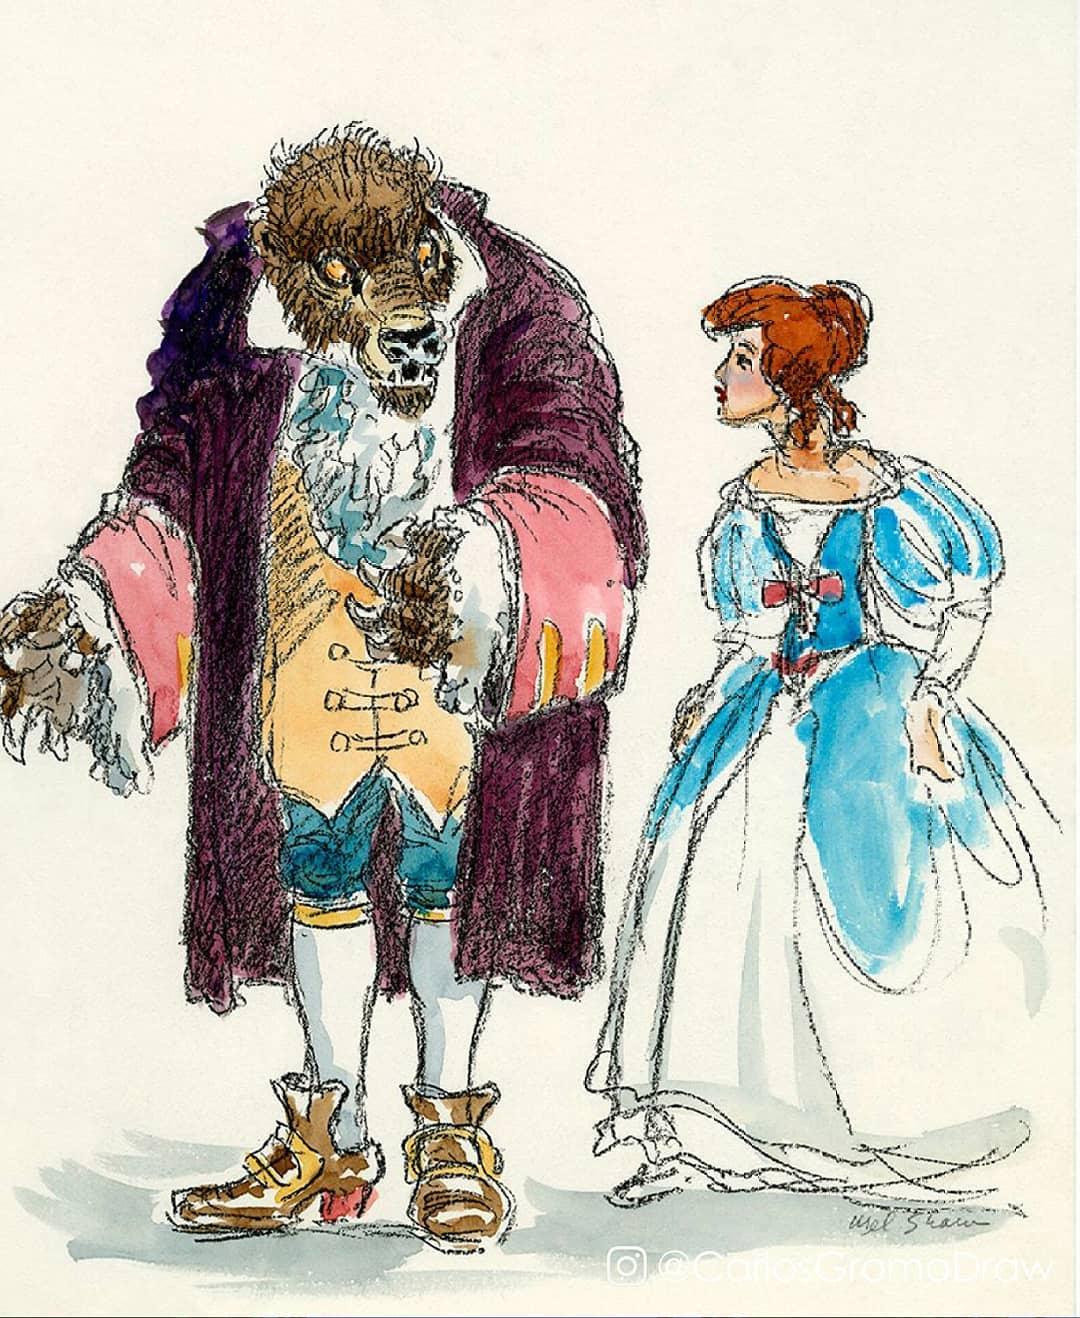 就像另一部動畫片!6位迪士尼公主「穿上最原始草圖服裝」的模樣 貝兒的禮服根本睡衣